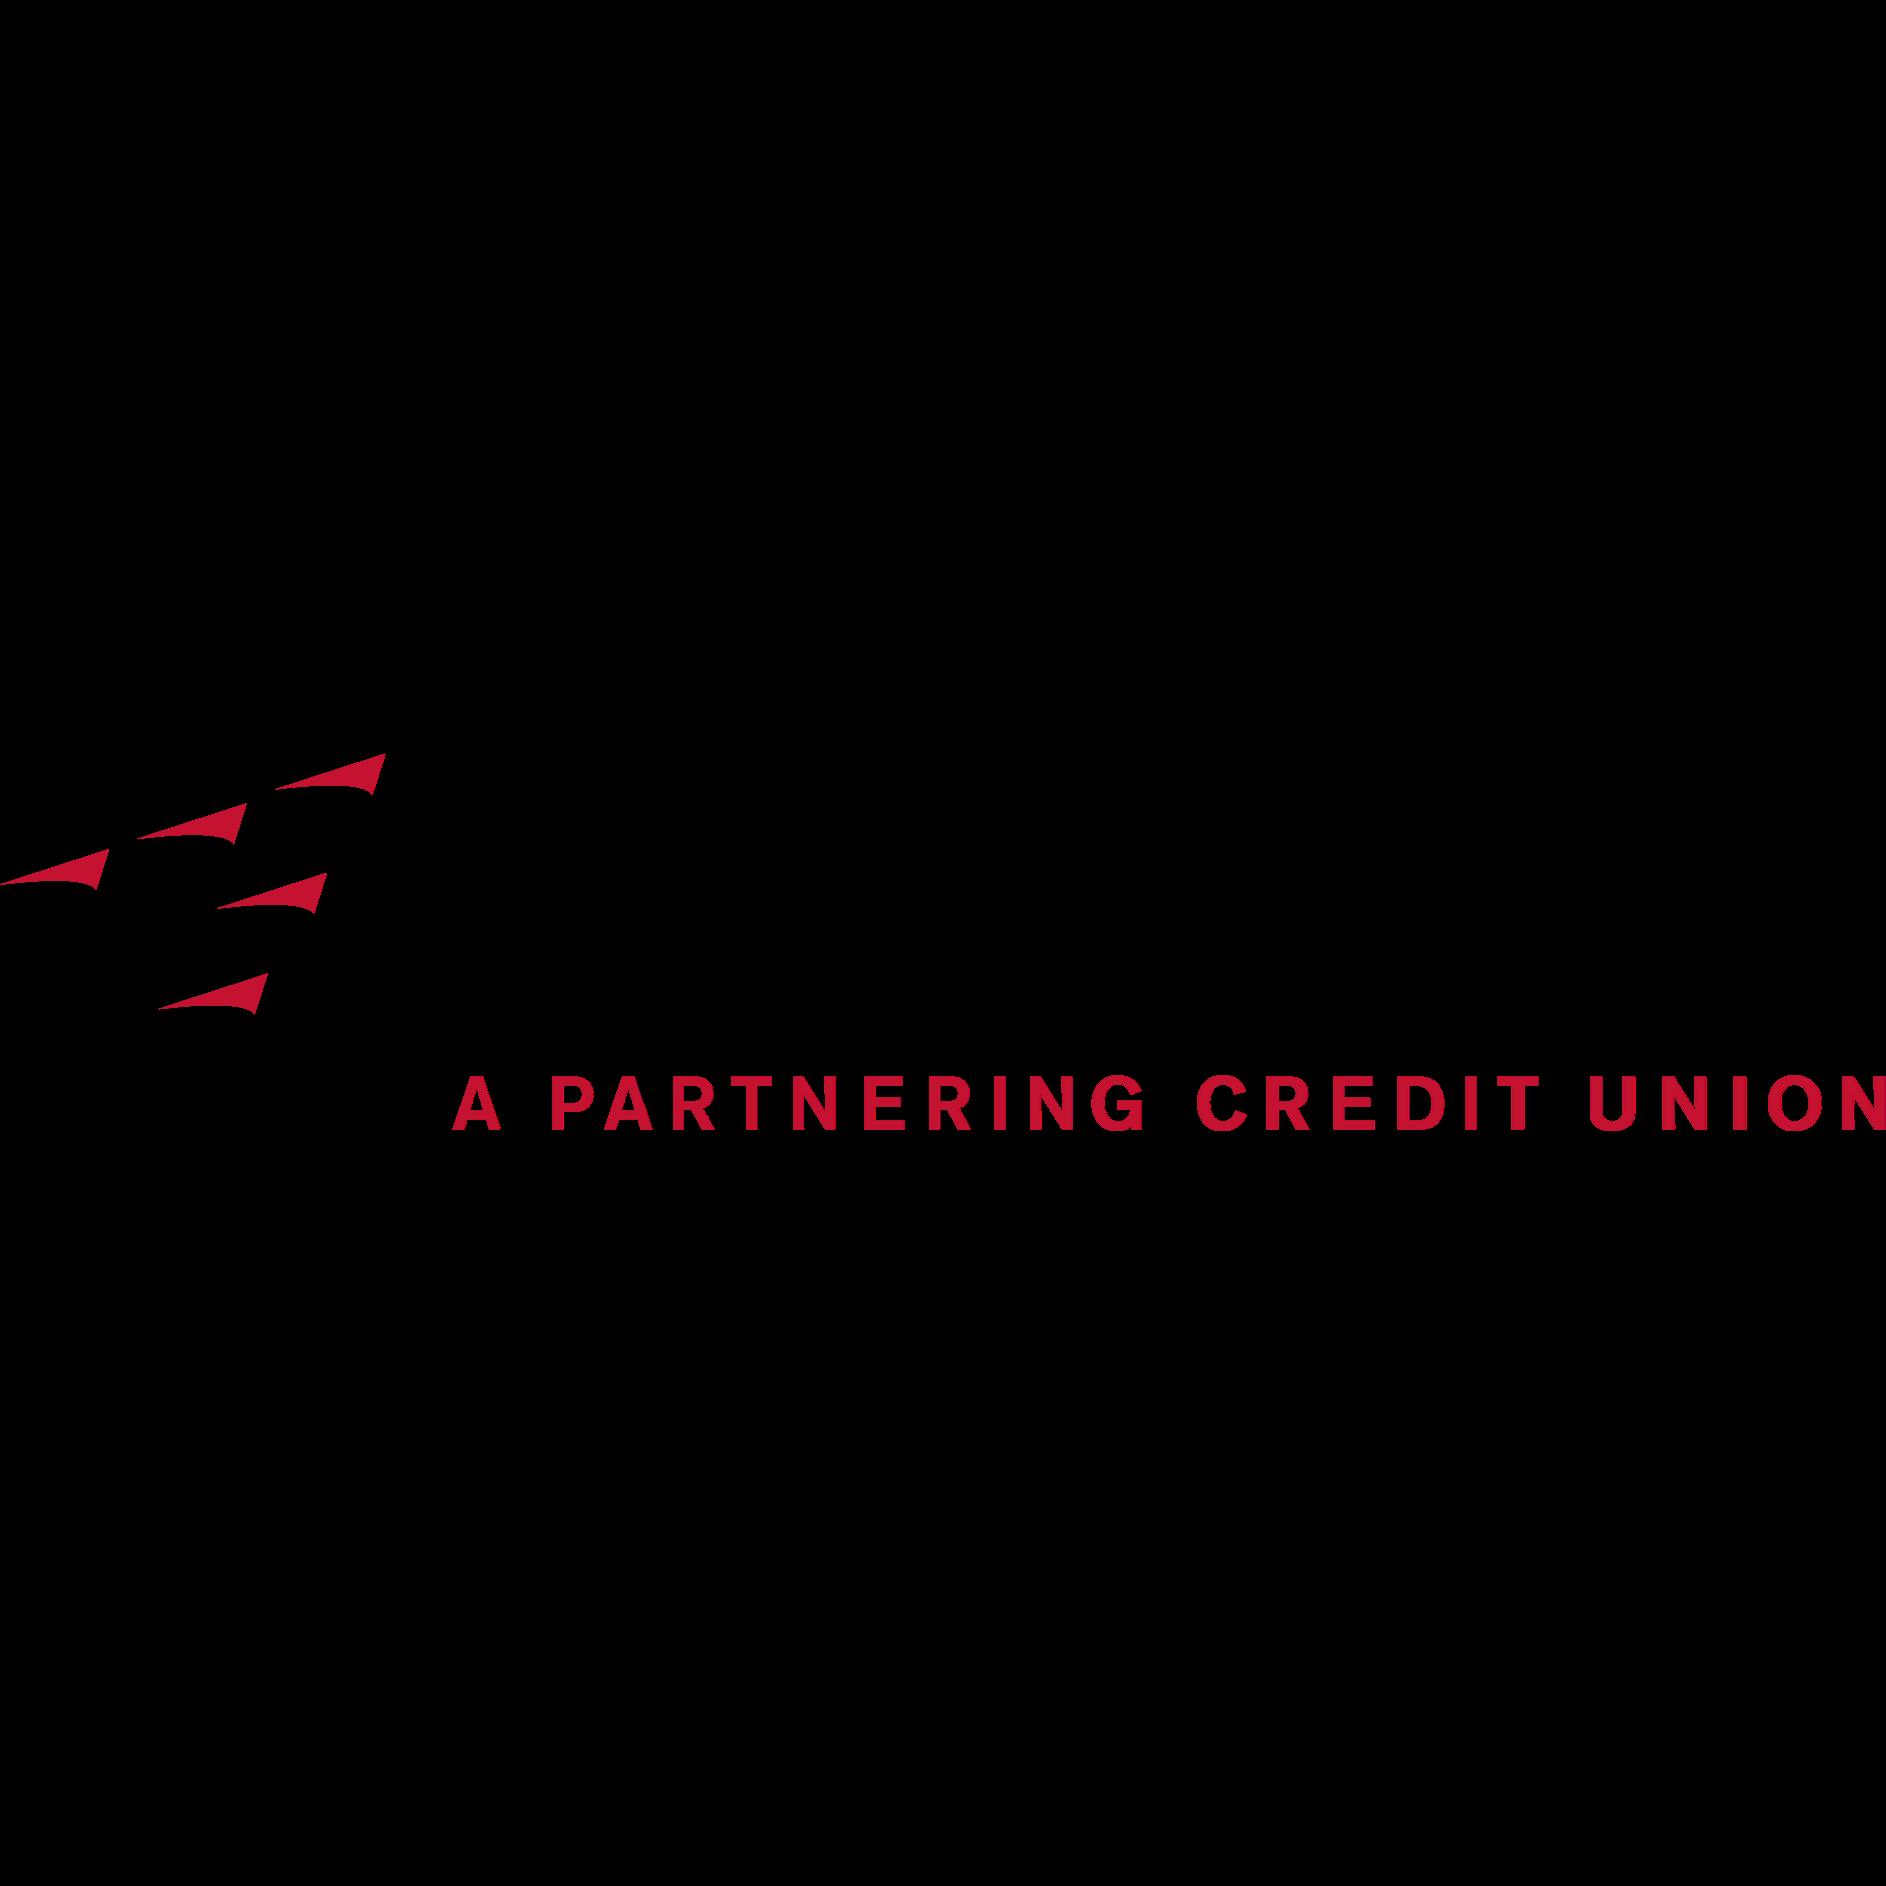 Fitzsimons A Partnering Credit Union